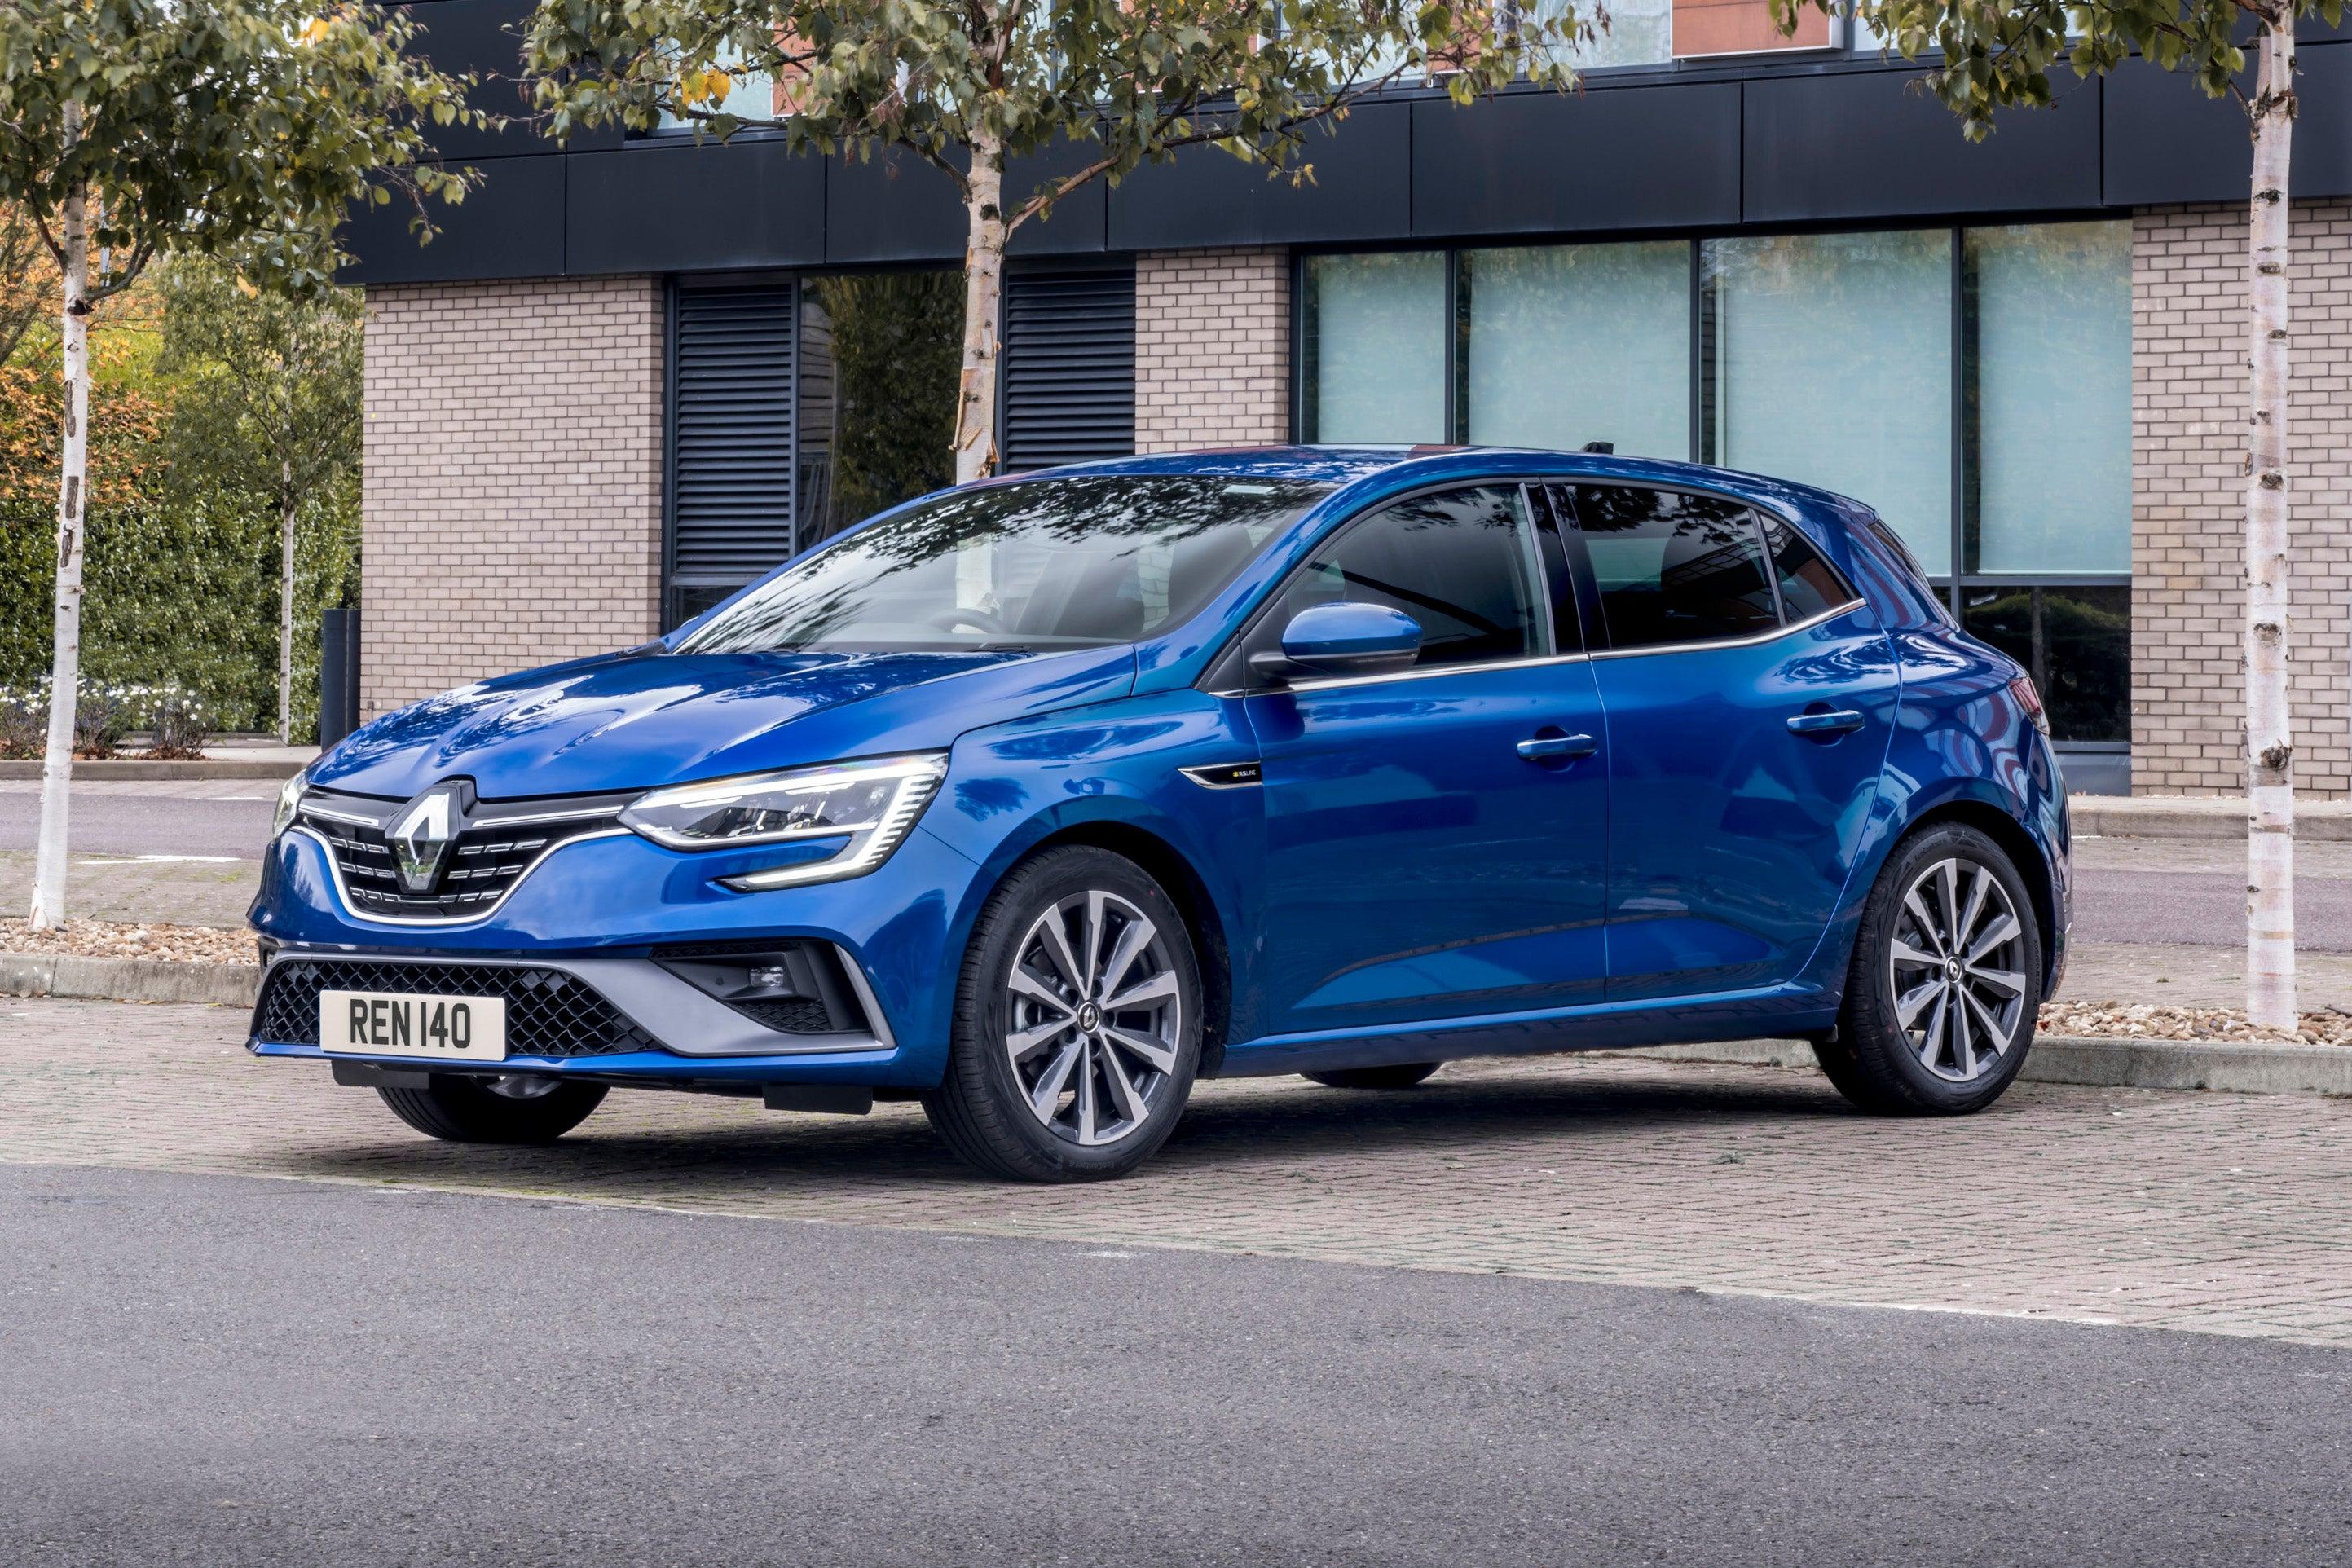 Renault Megane styling